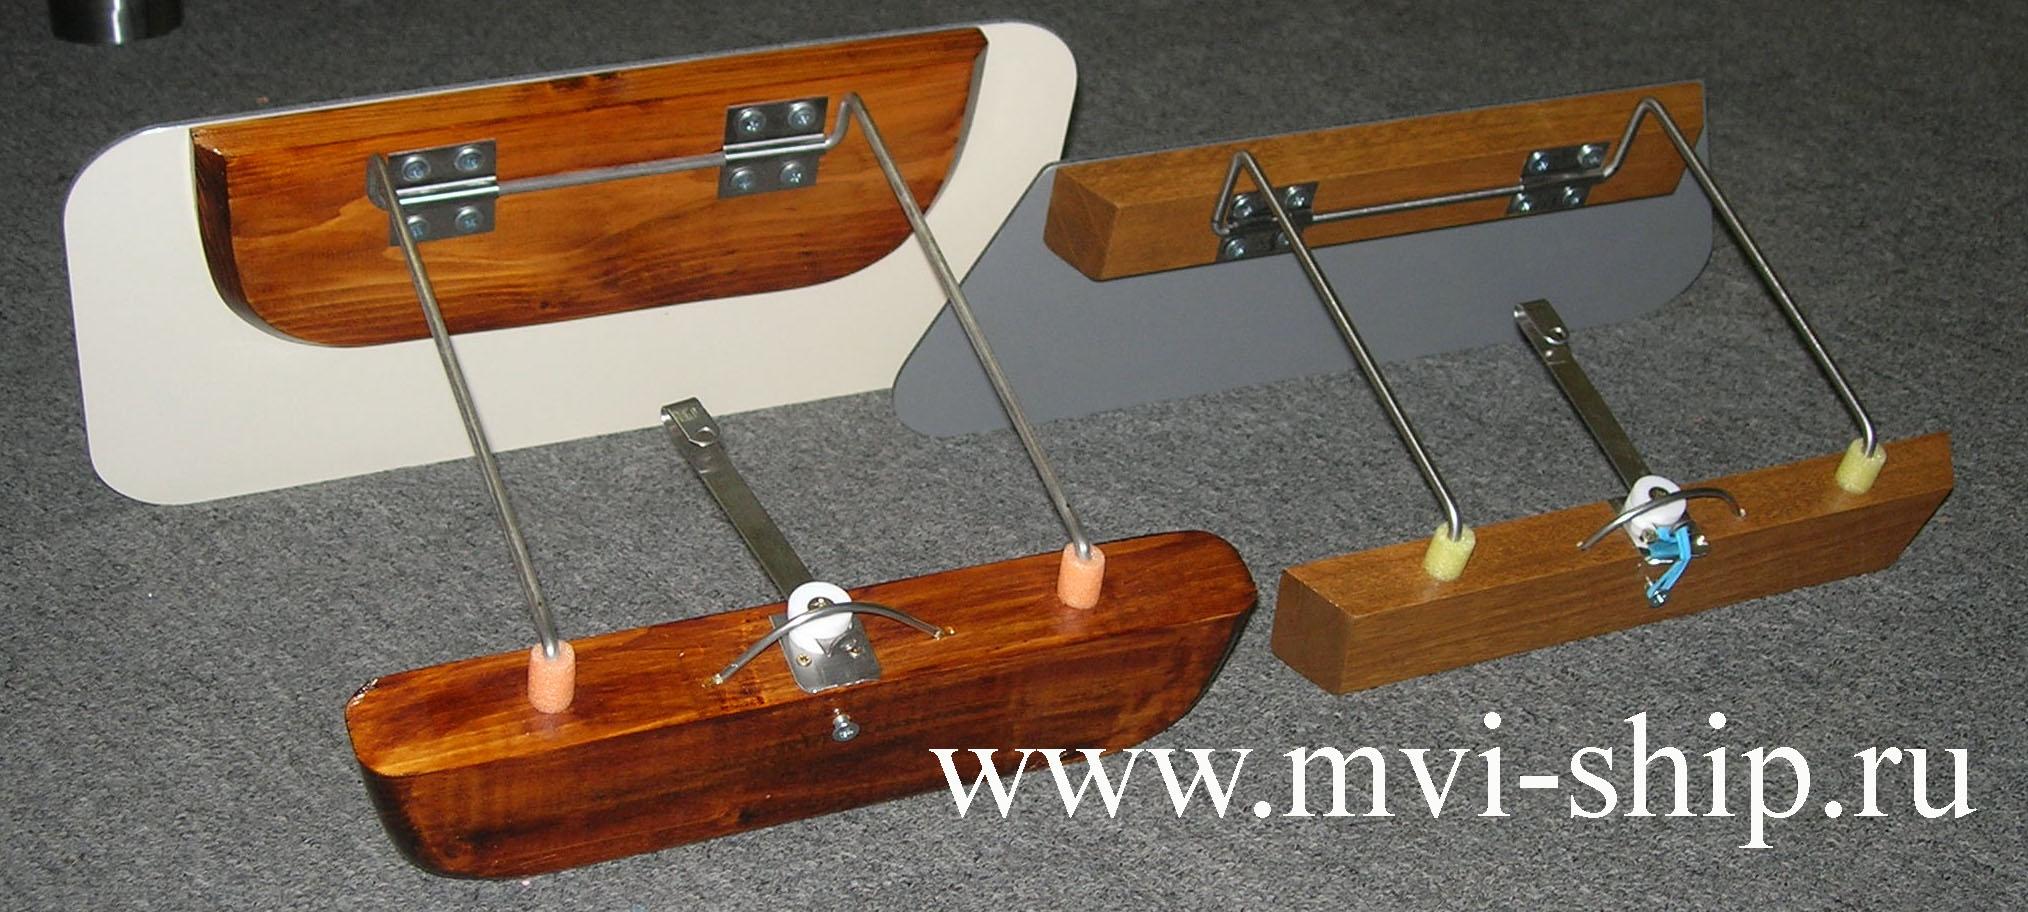 Рыбалка на кораблик изготовить